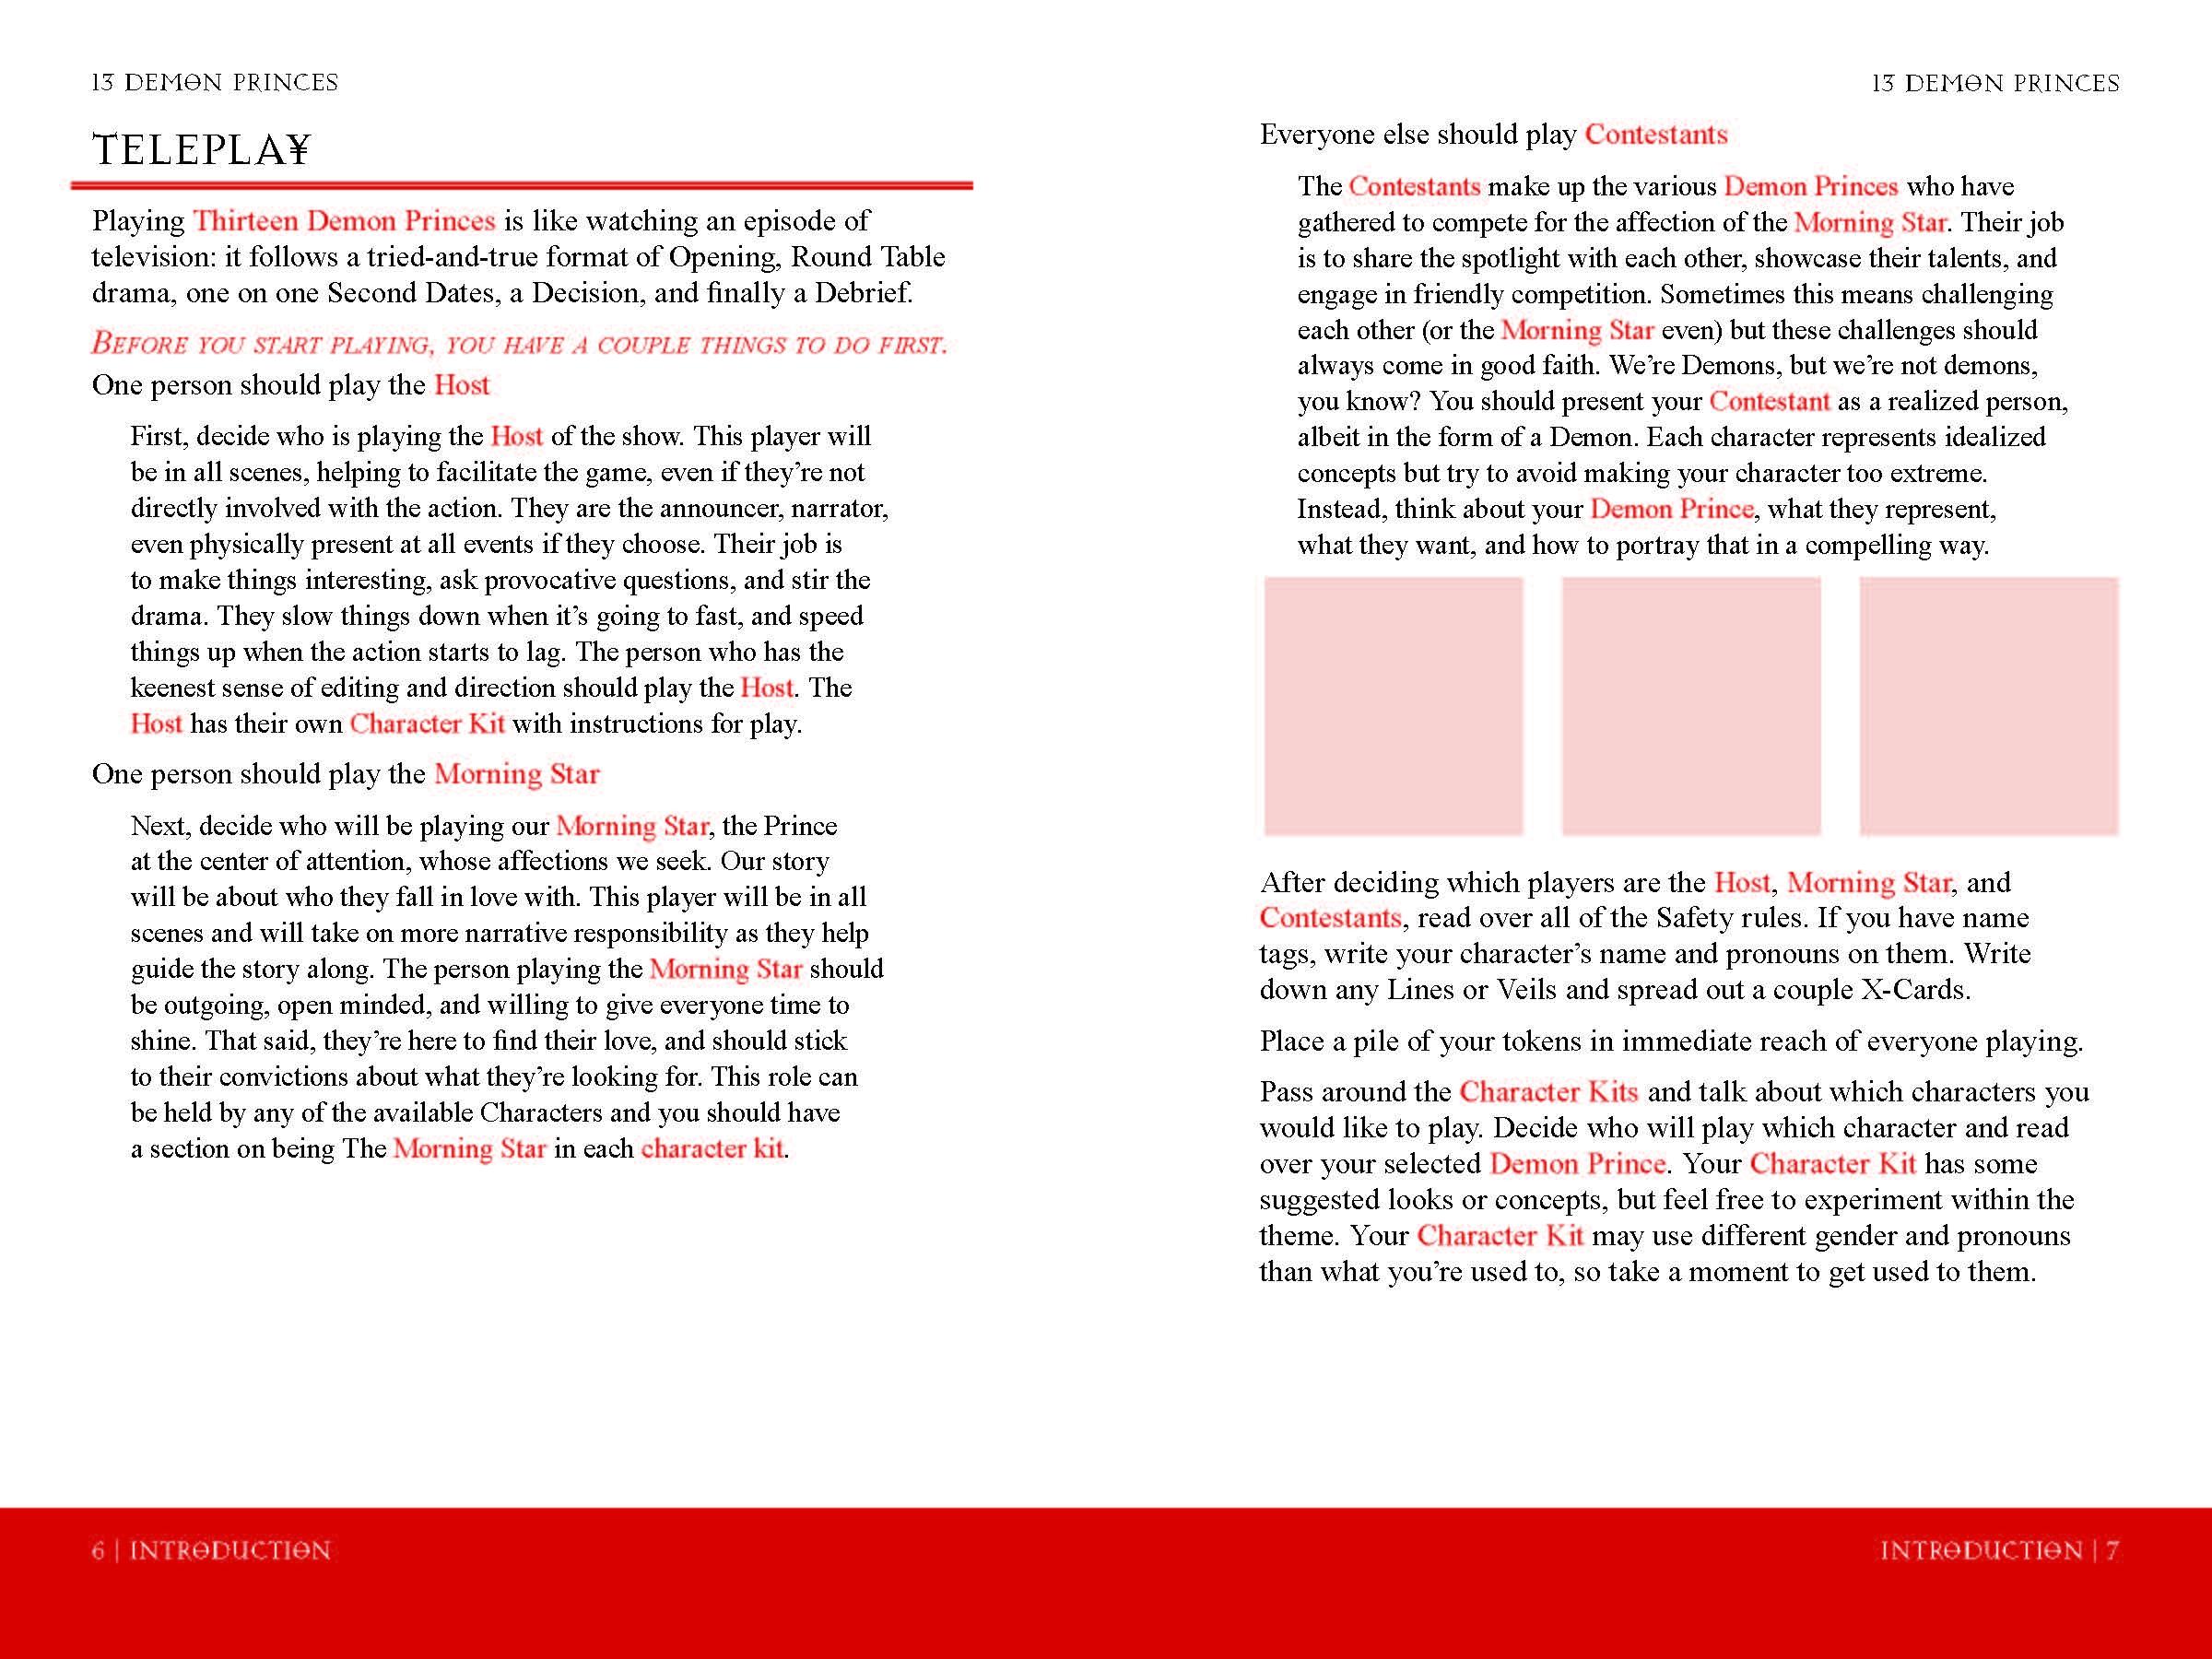 13DPdraftFeb19pdf_Page_3.jpg